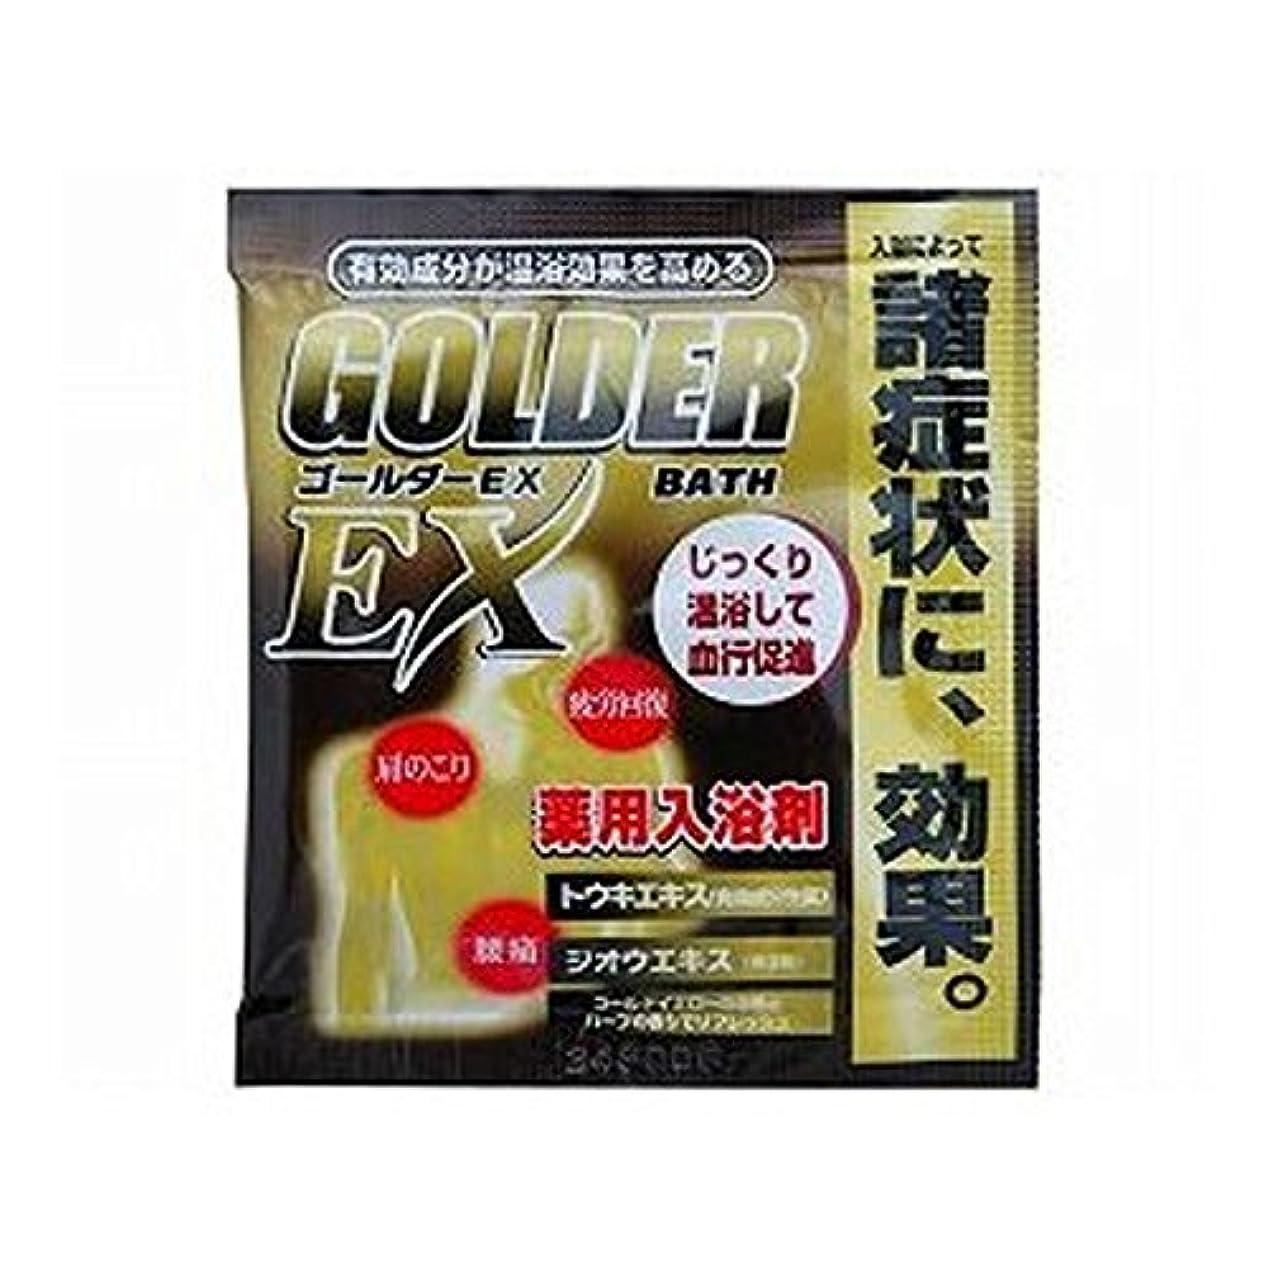 添加剤未使用肉屋ゴールダーEX 25g(入浴剤)